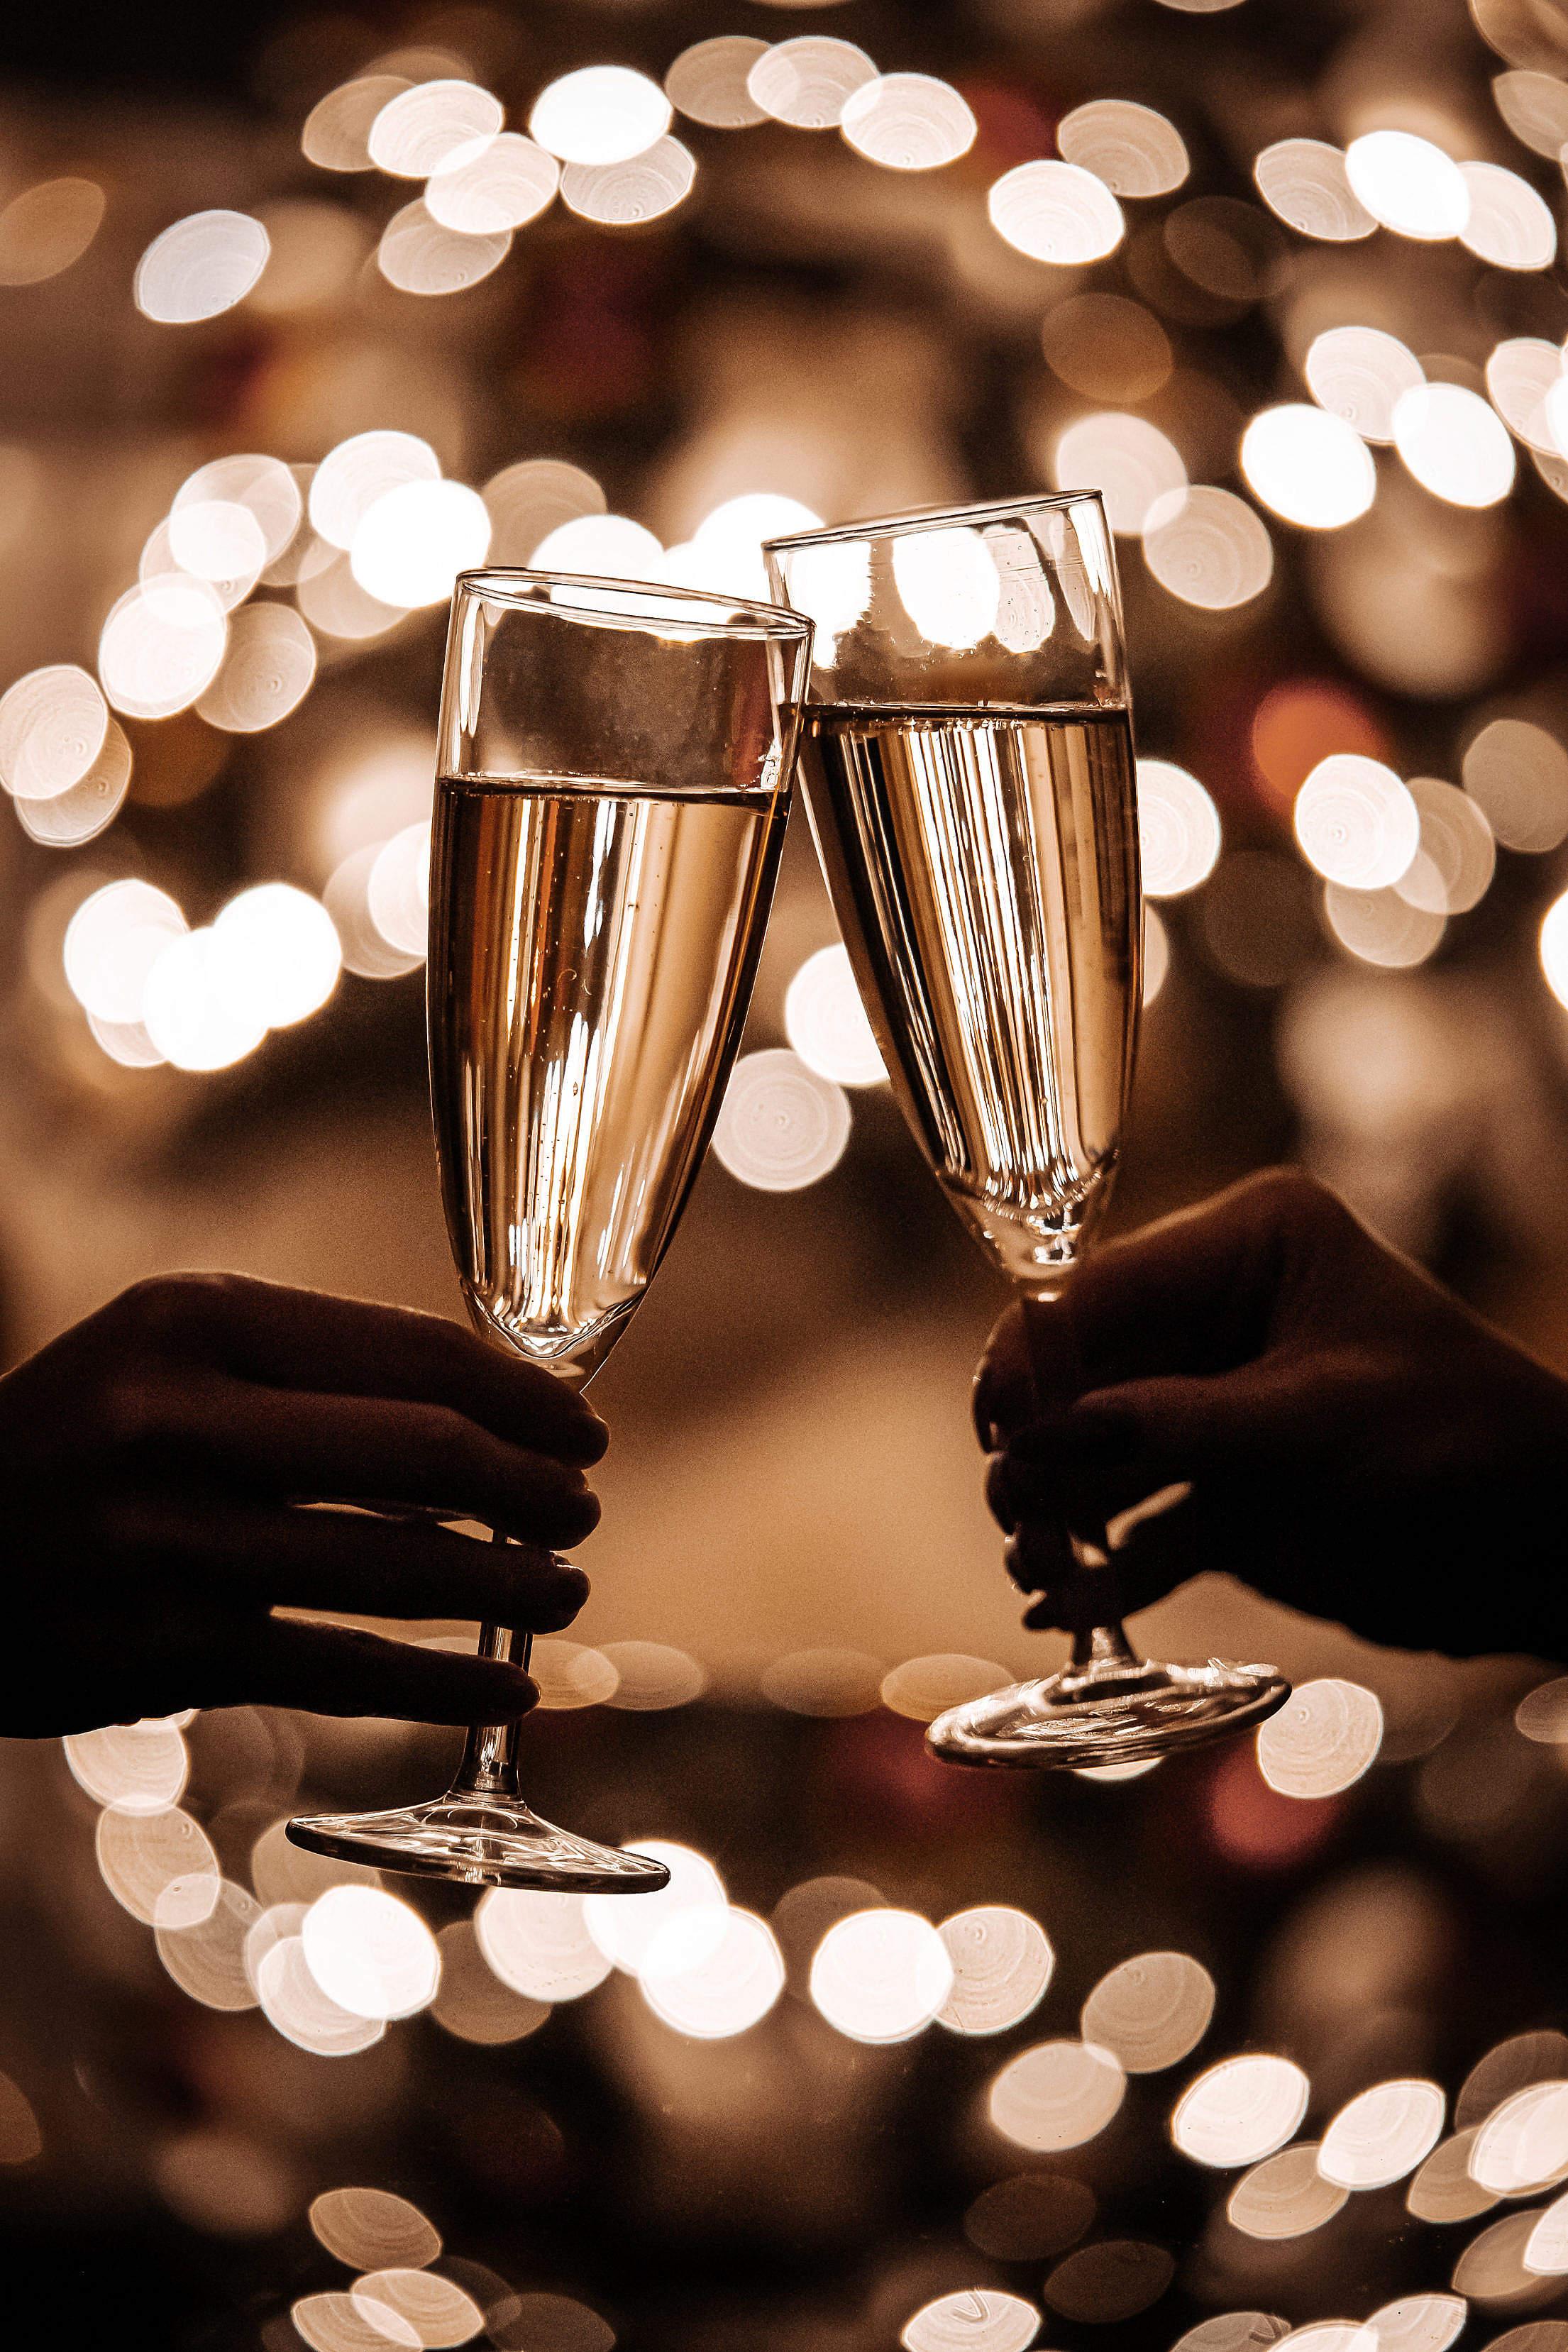 Cheers Free Stock Photo